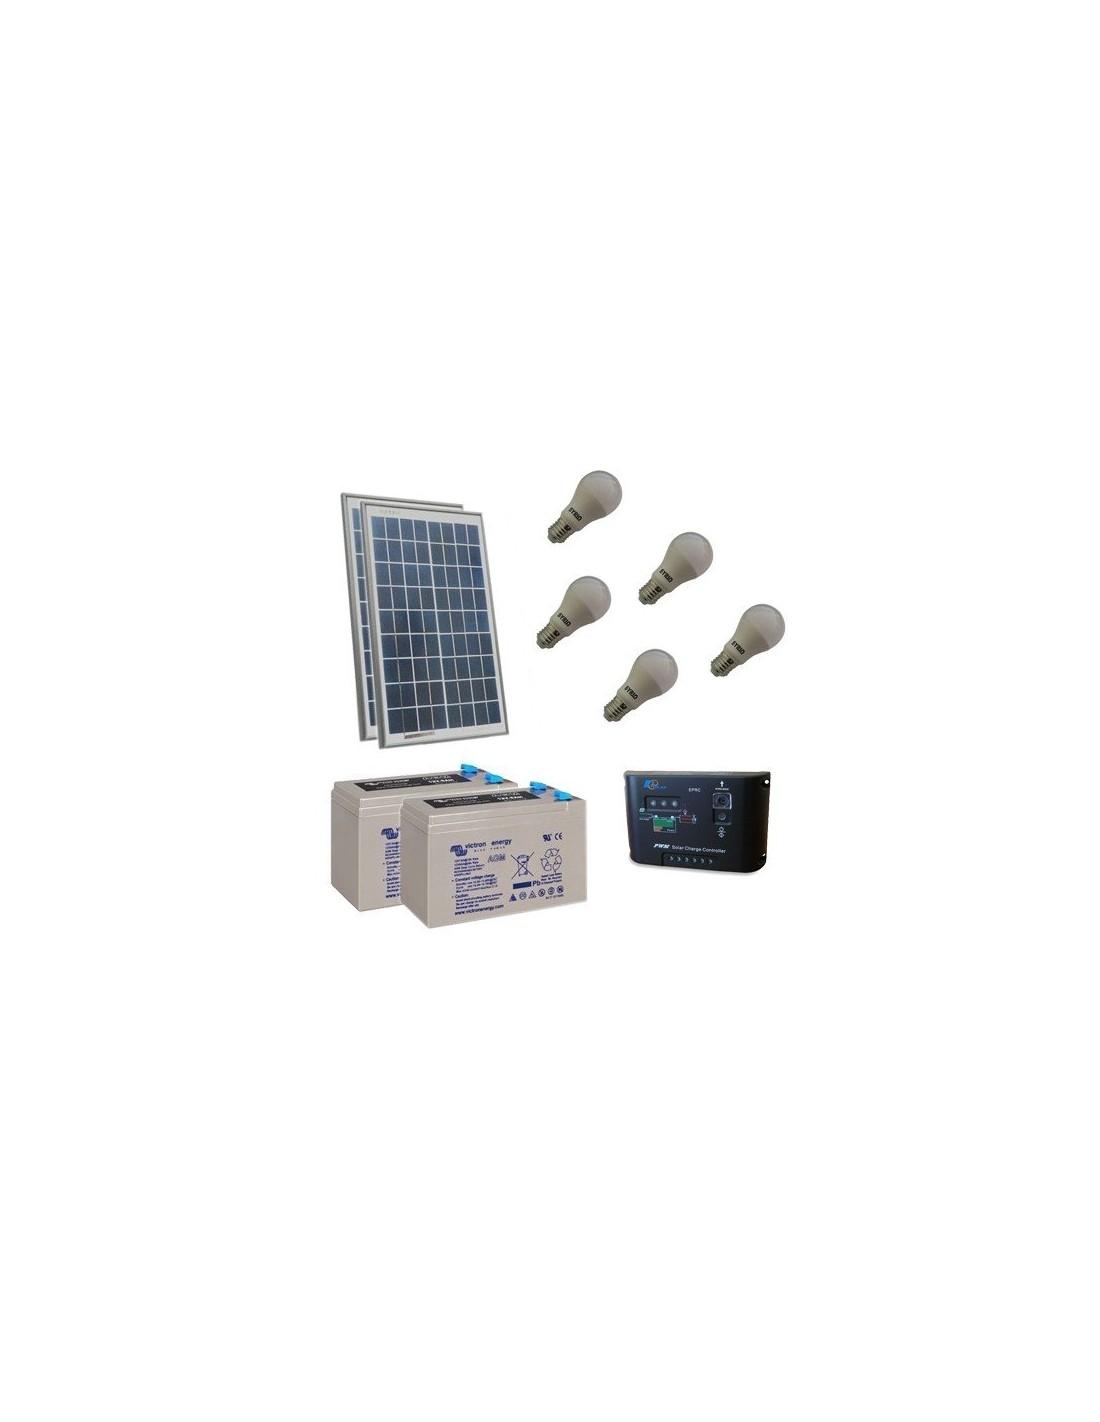 Lampe Energie Solaire Interieur kit d'éclairage solaire led 40w 24v pour intérieur photovoltaique batterie  14ah